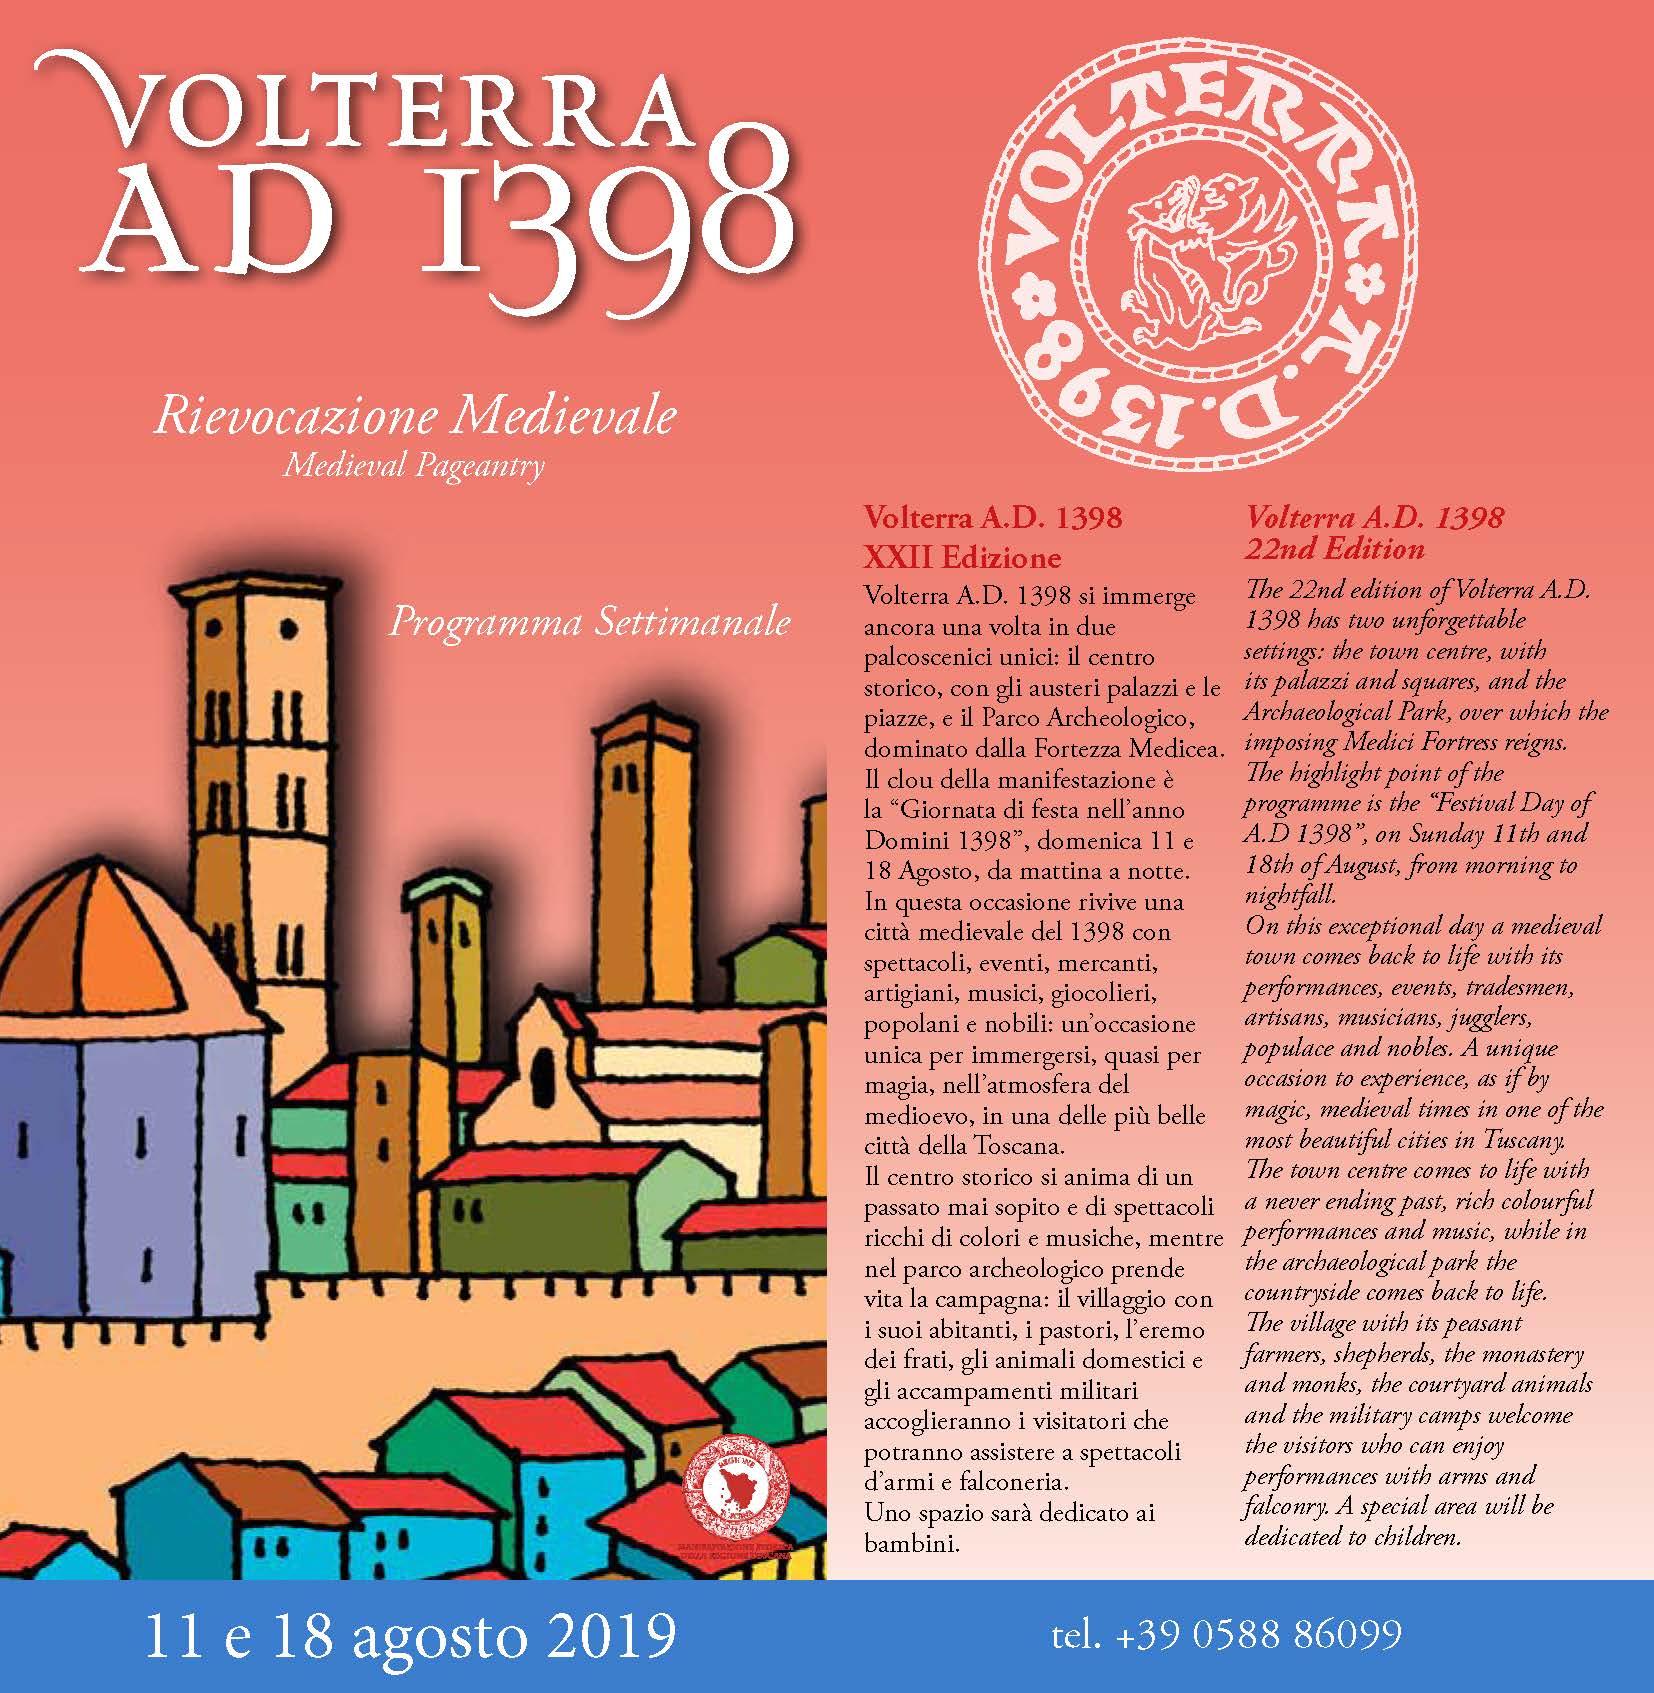 21° Volterra AD 1398 – Settimana Medievale